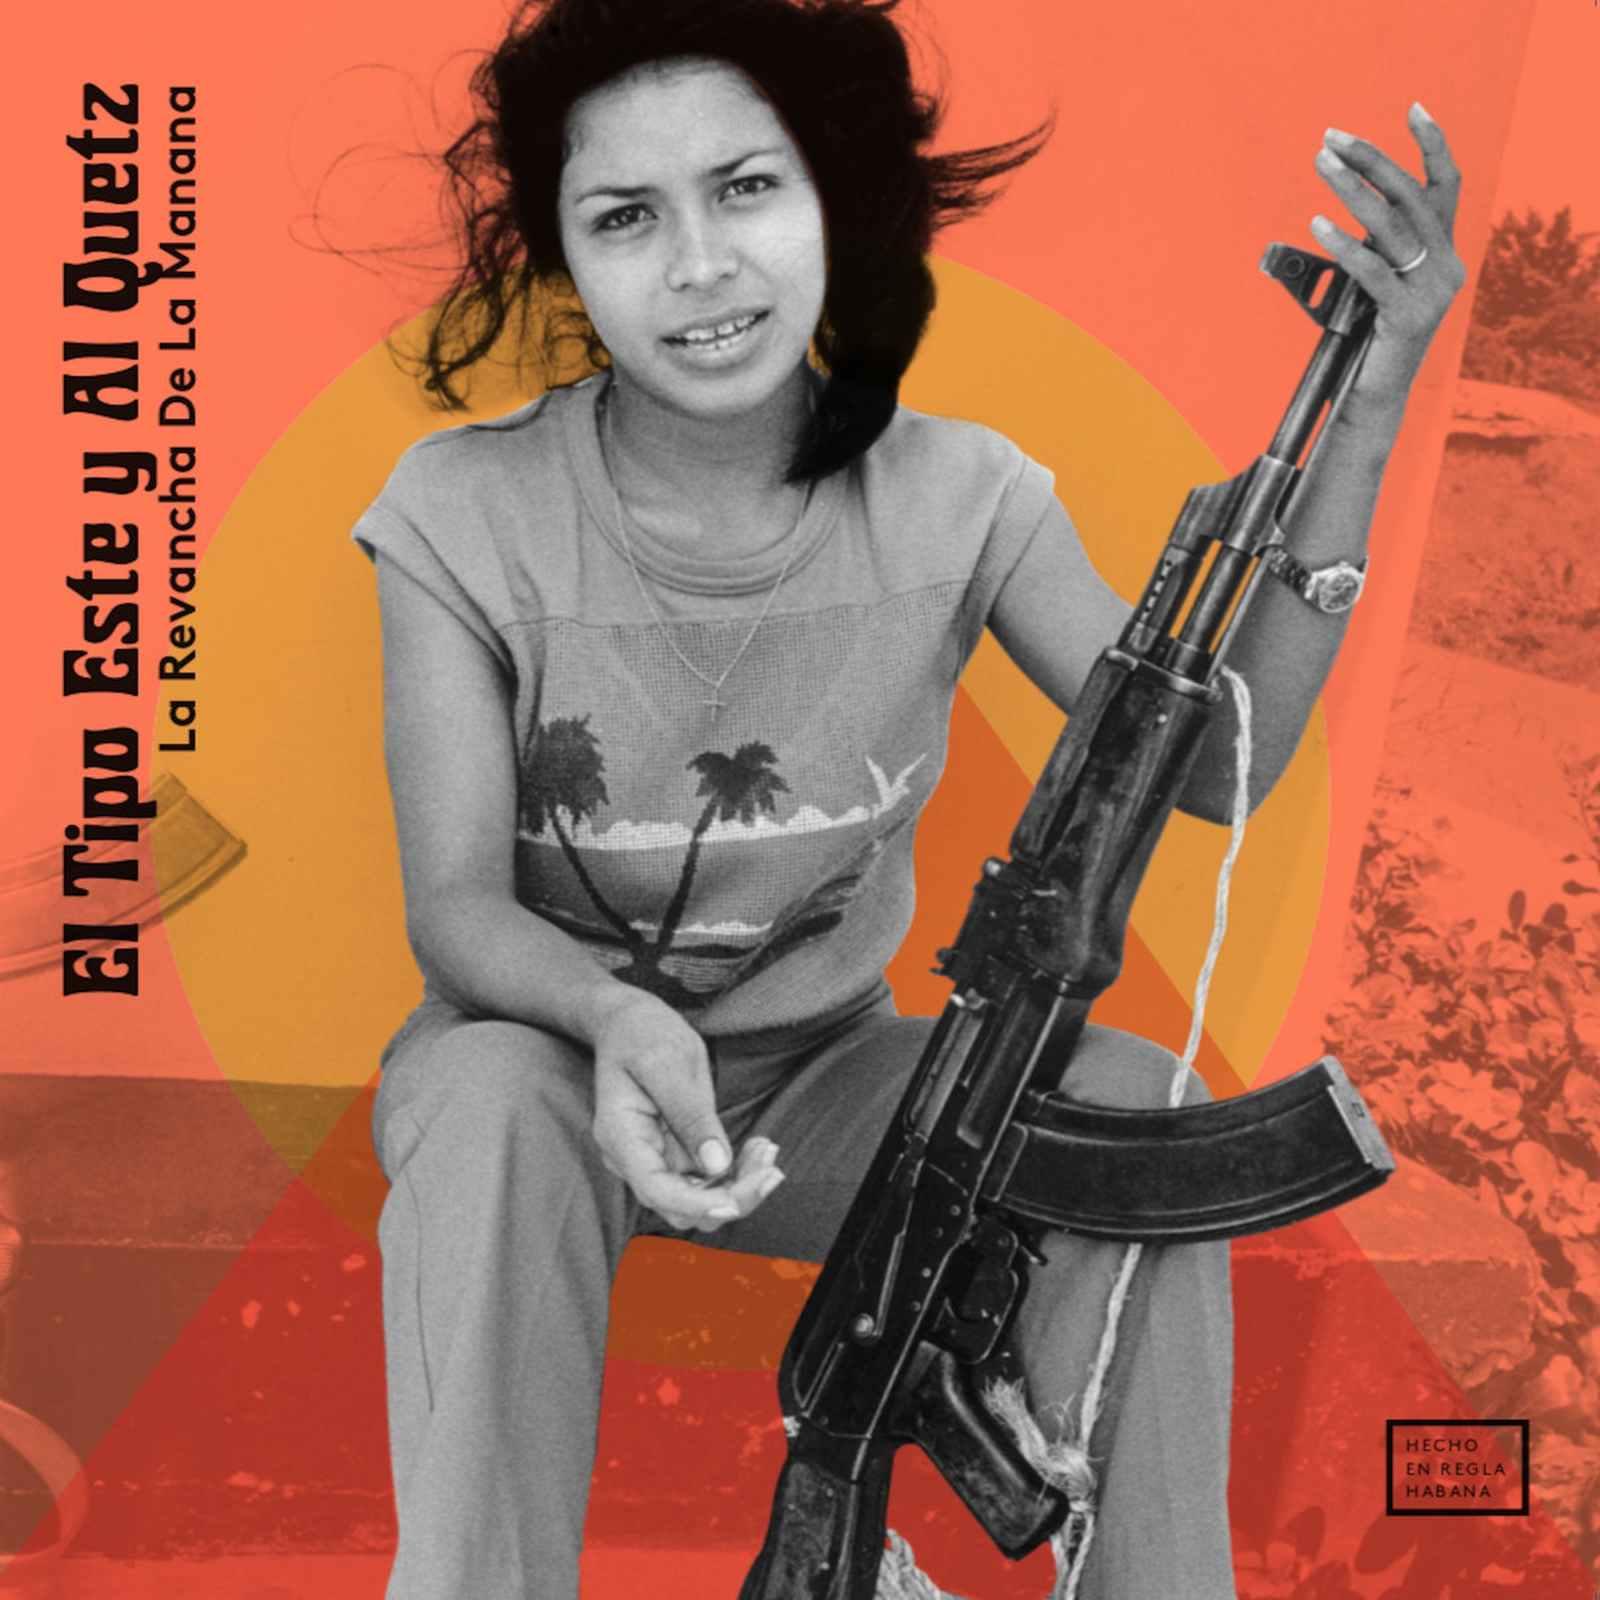 """Cover of the album """"La revancha de la manana"""", by El Tipo Este and Al Quetz."""